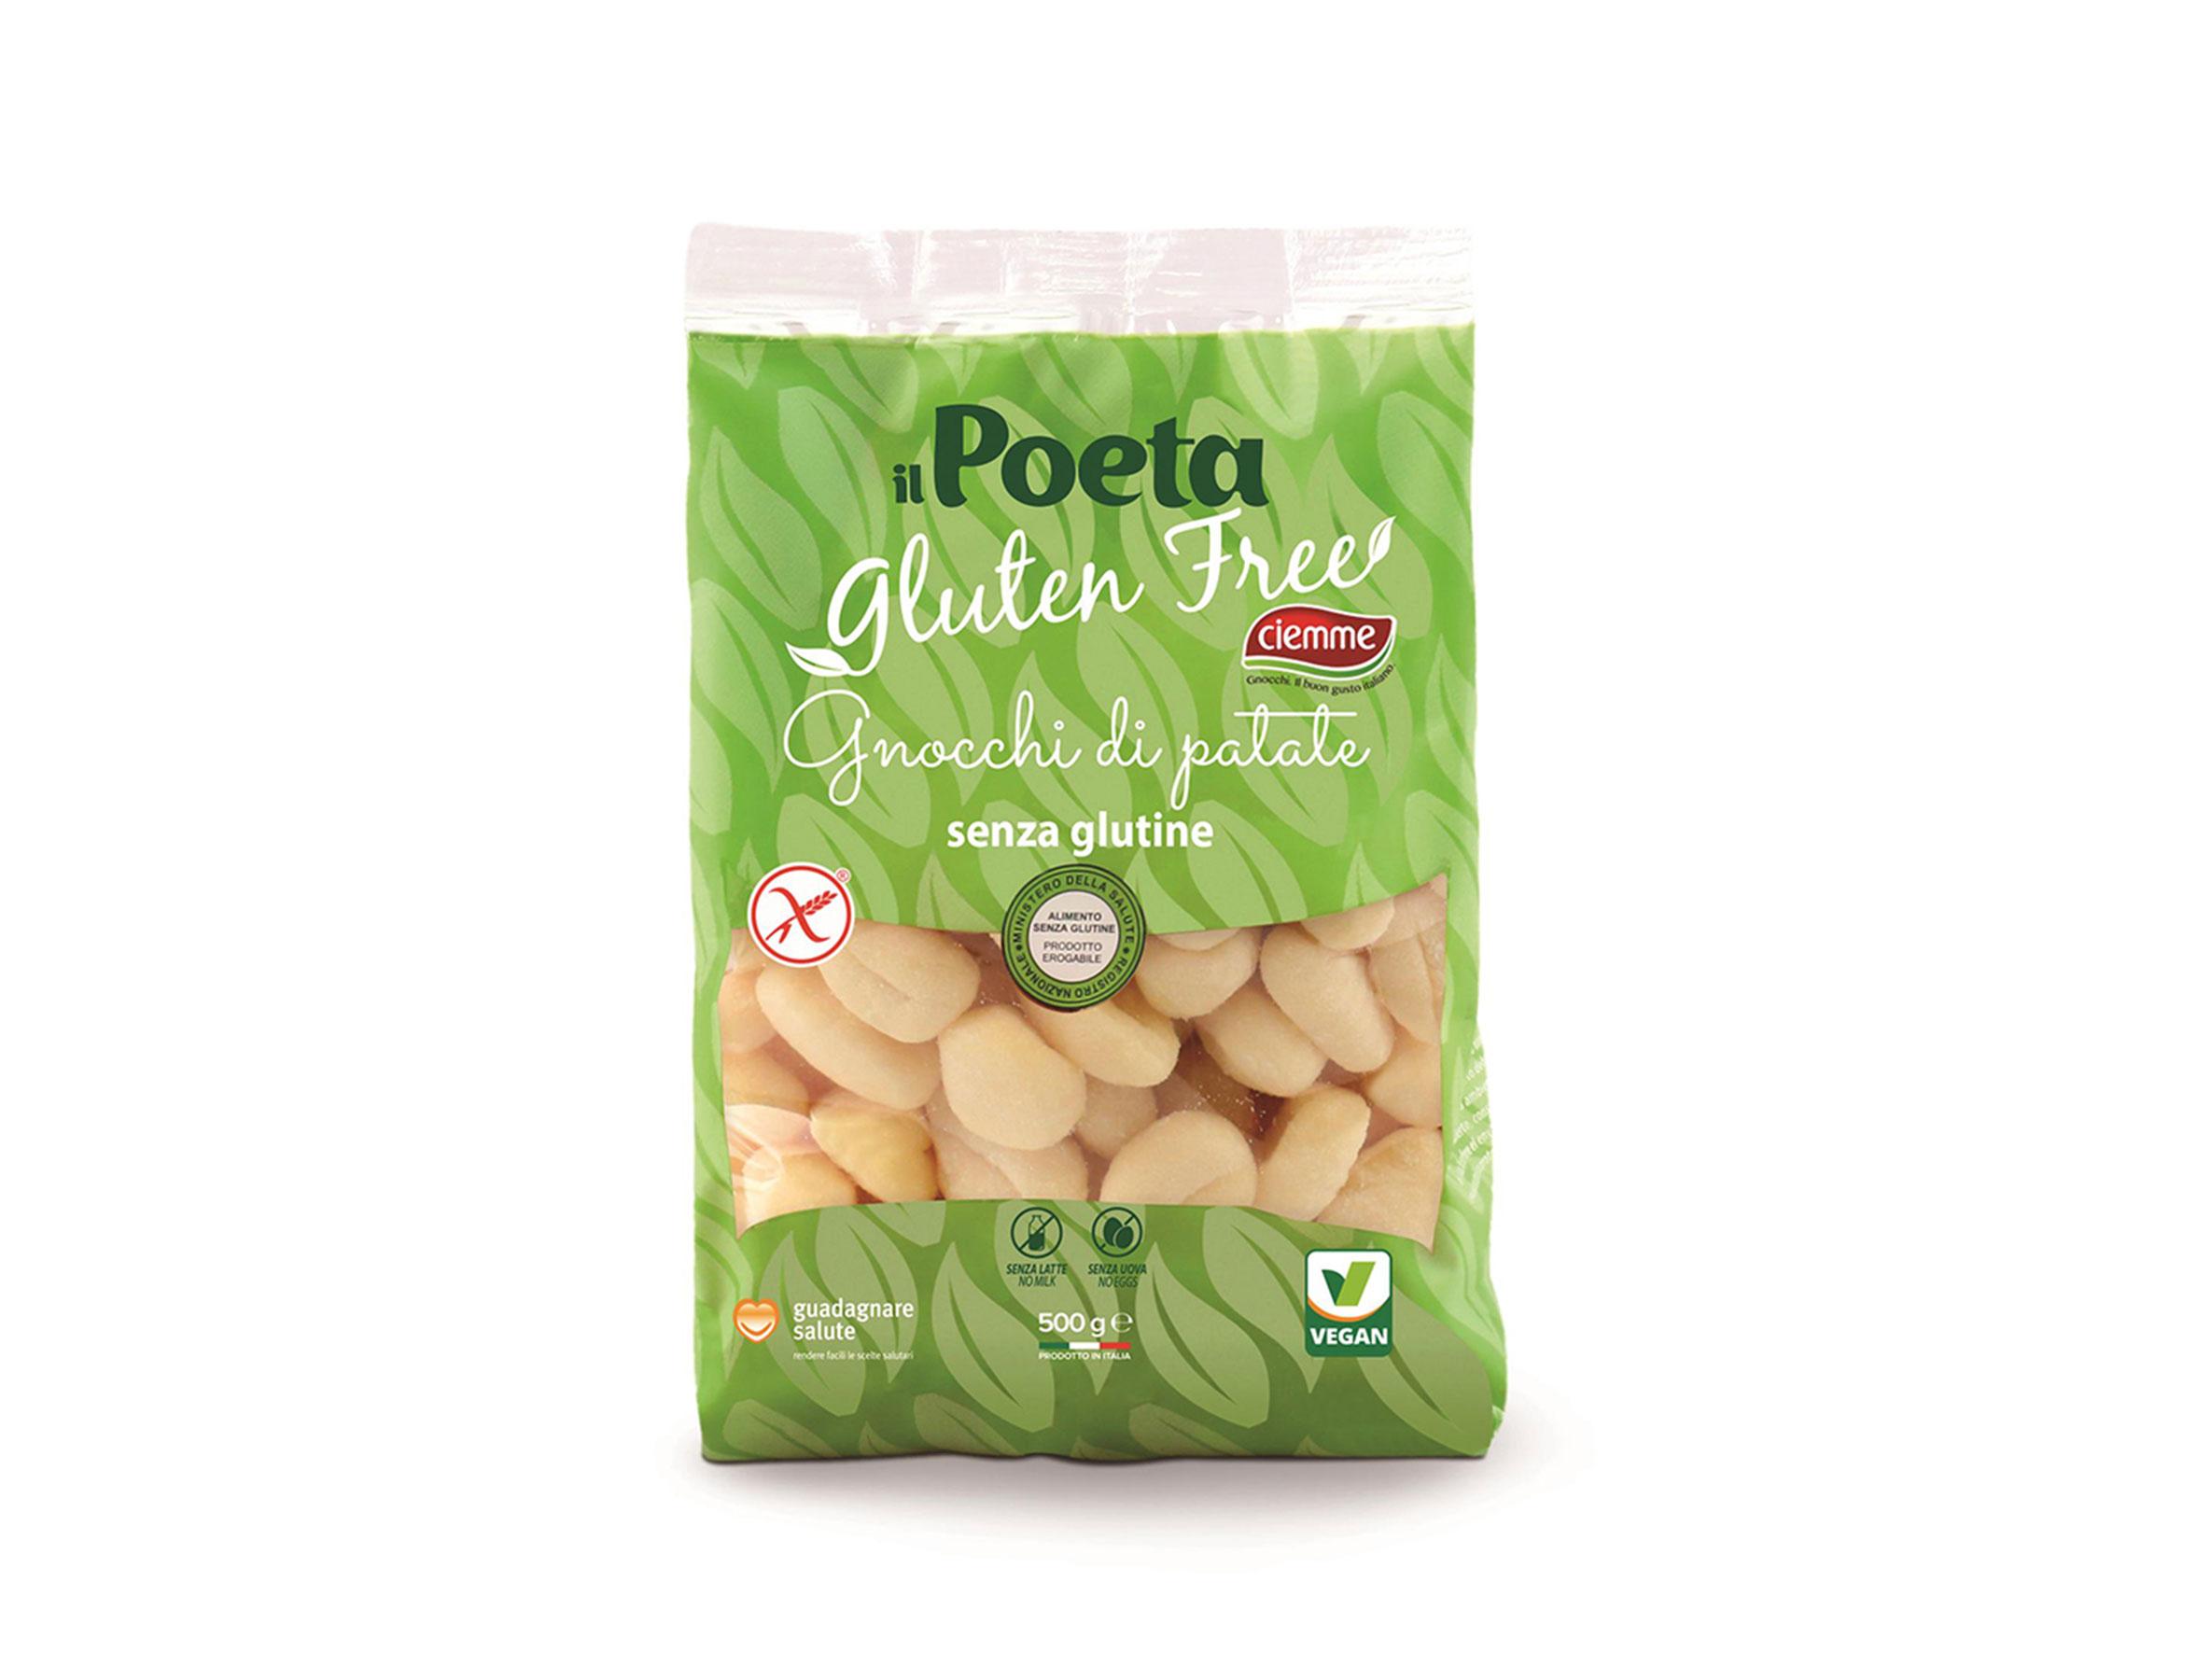 gnocchi di patate gluten free